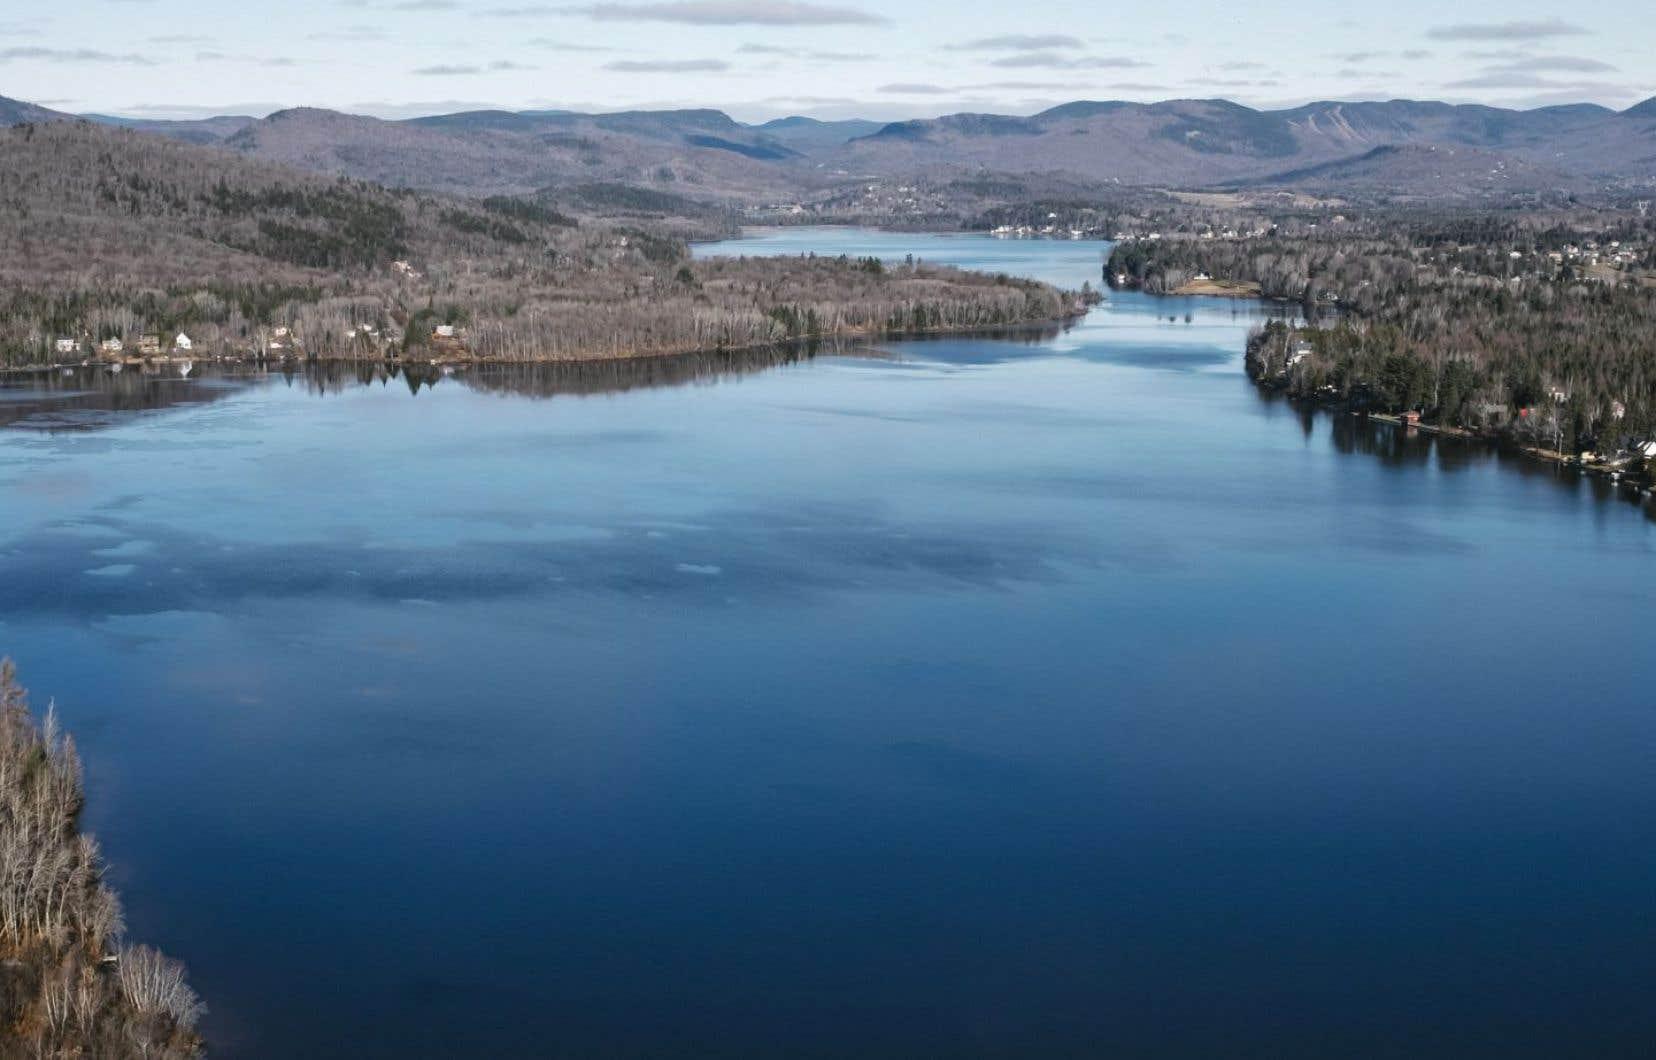 Voté le 15 mars dernier, le règlement de contrôle intérimaire (RCI) vise à protéger le réservoir d'eau potable de la Ville de Québec, le lac Saint-Charles.